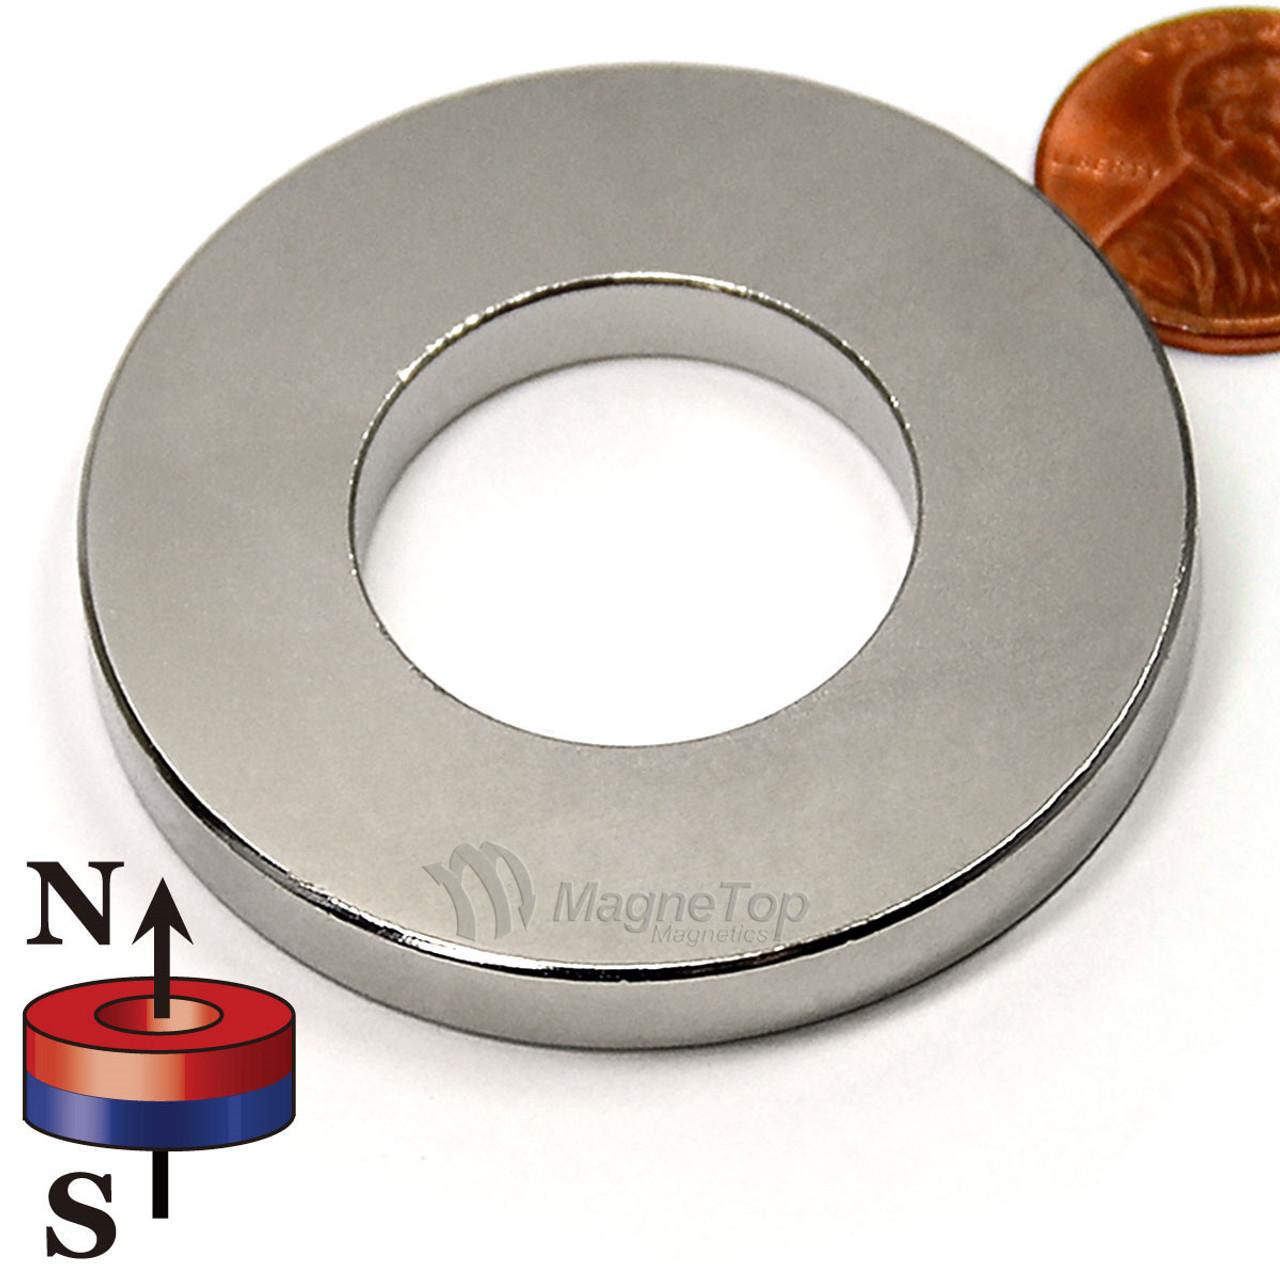 50.8mm (OD) x 25.4mm(ID) x 6.35mm - N45-Neodymium Ring